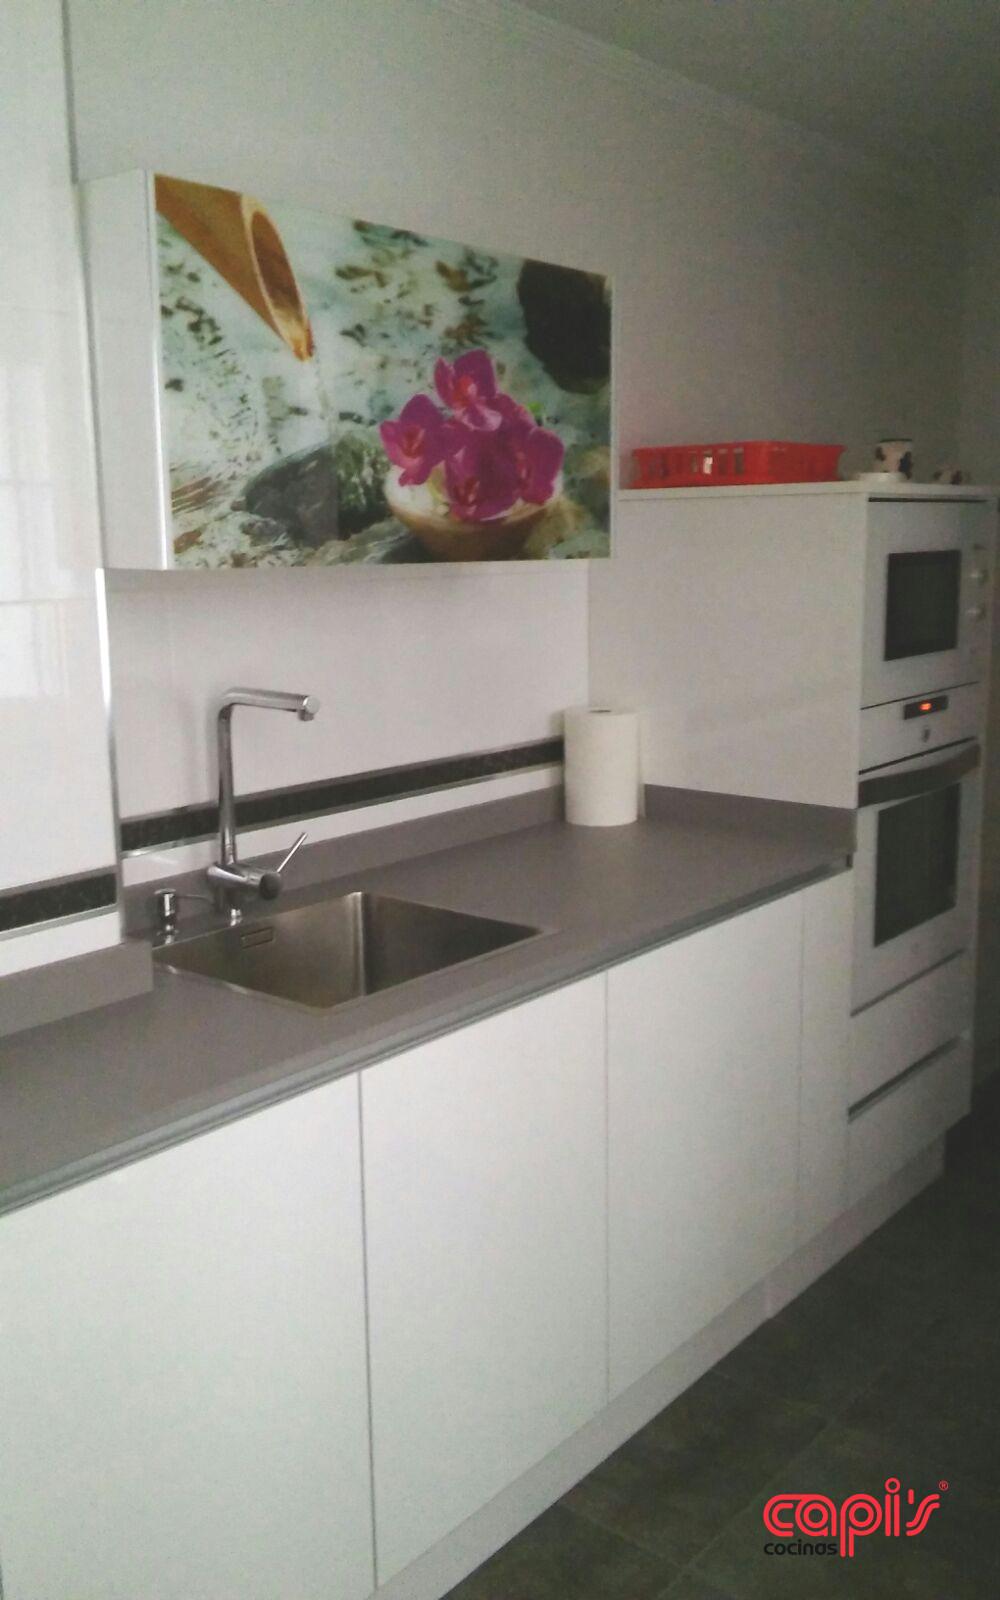 Serigraf a en la cocina cocinas capis dise o y for Encimeras de cocina formica precios